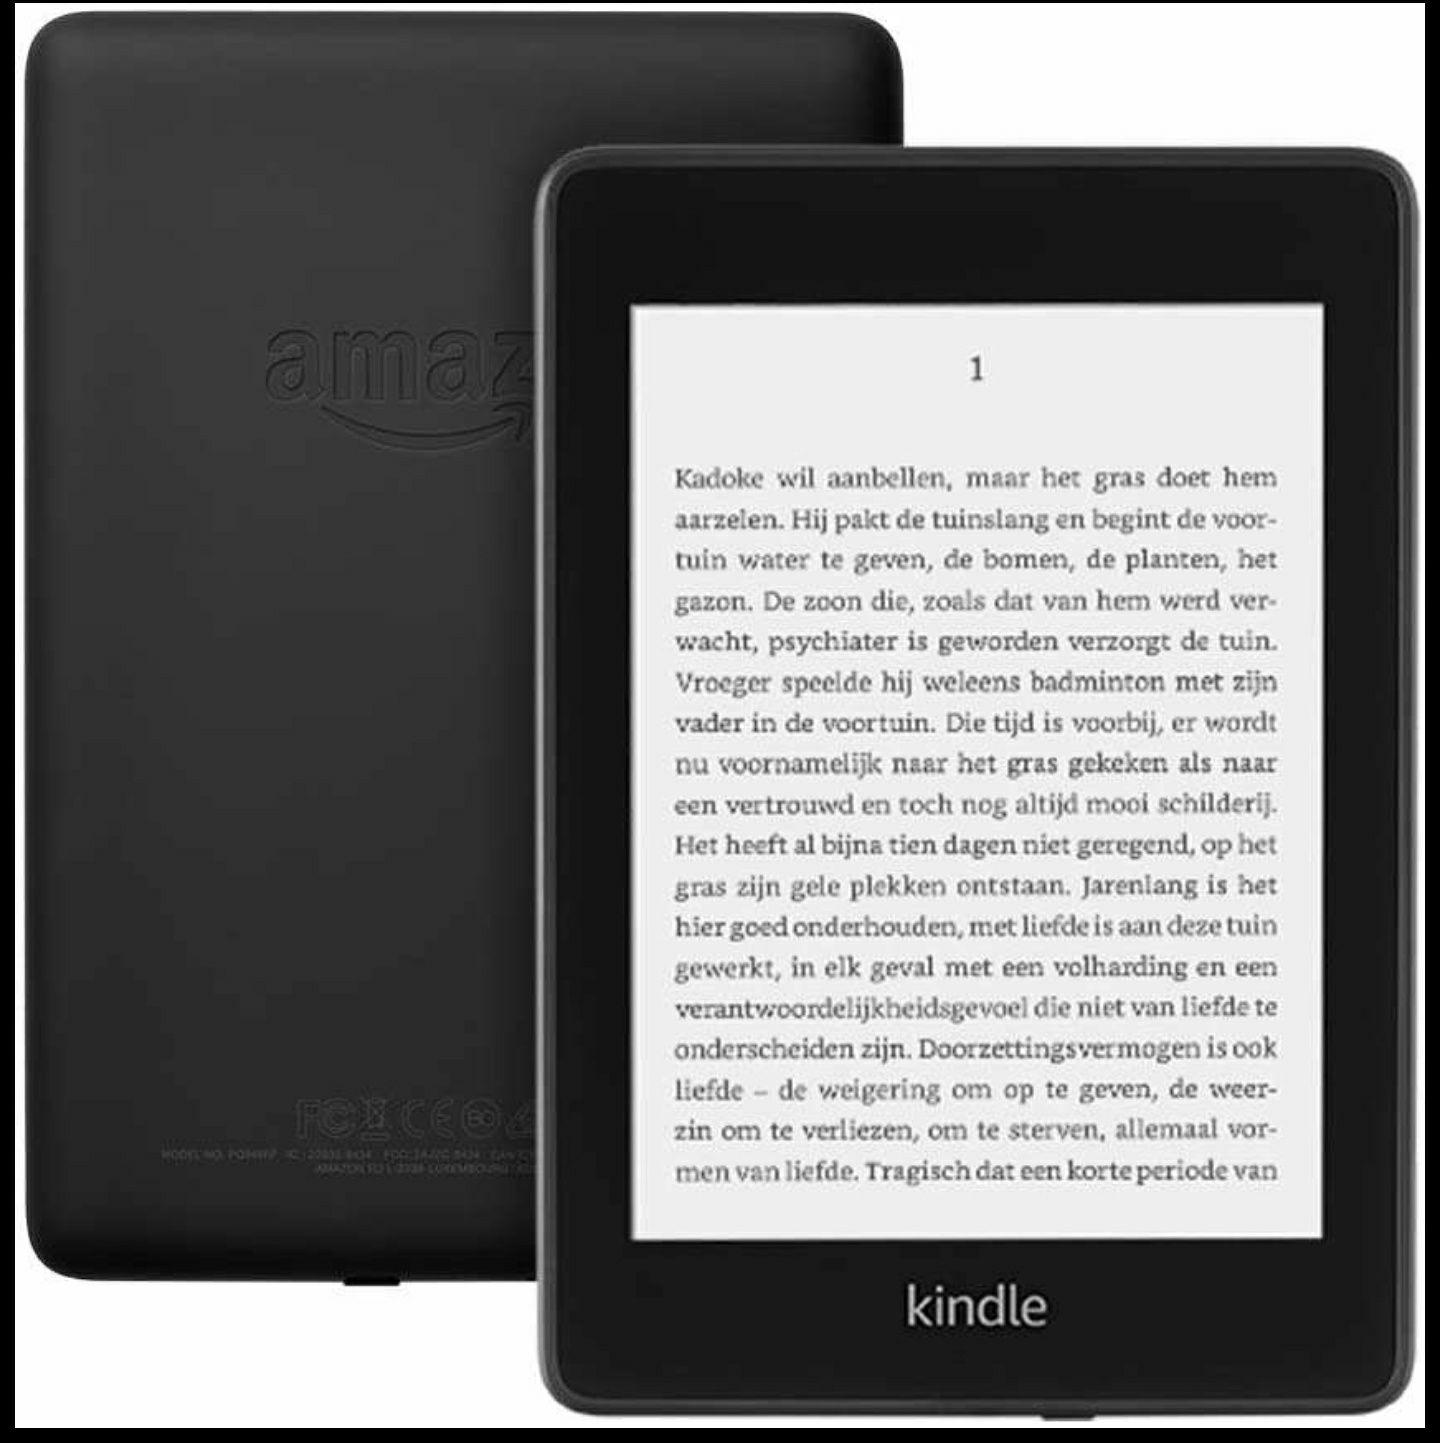 [Amazon Primeday] Kindle Paperwhite E-Reader